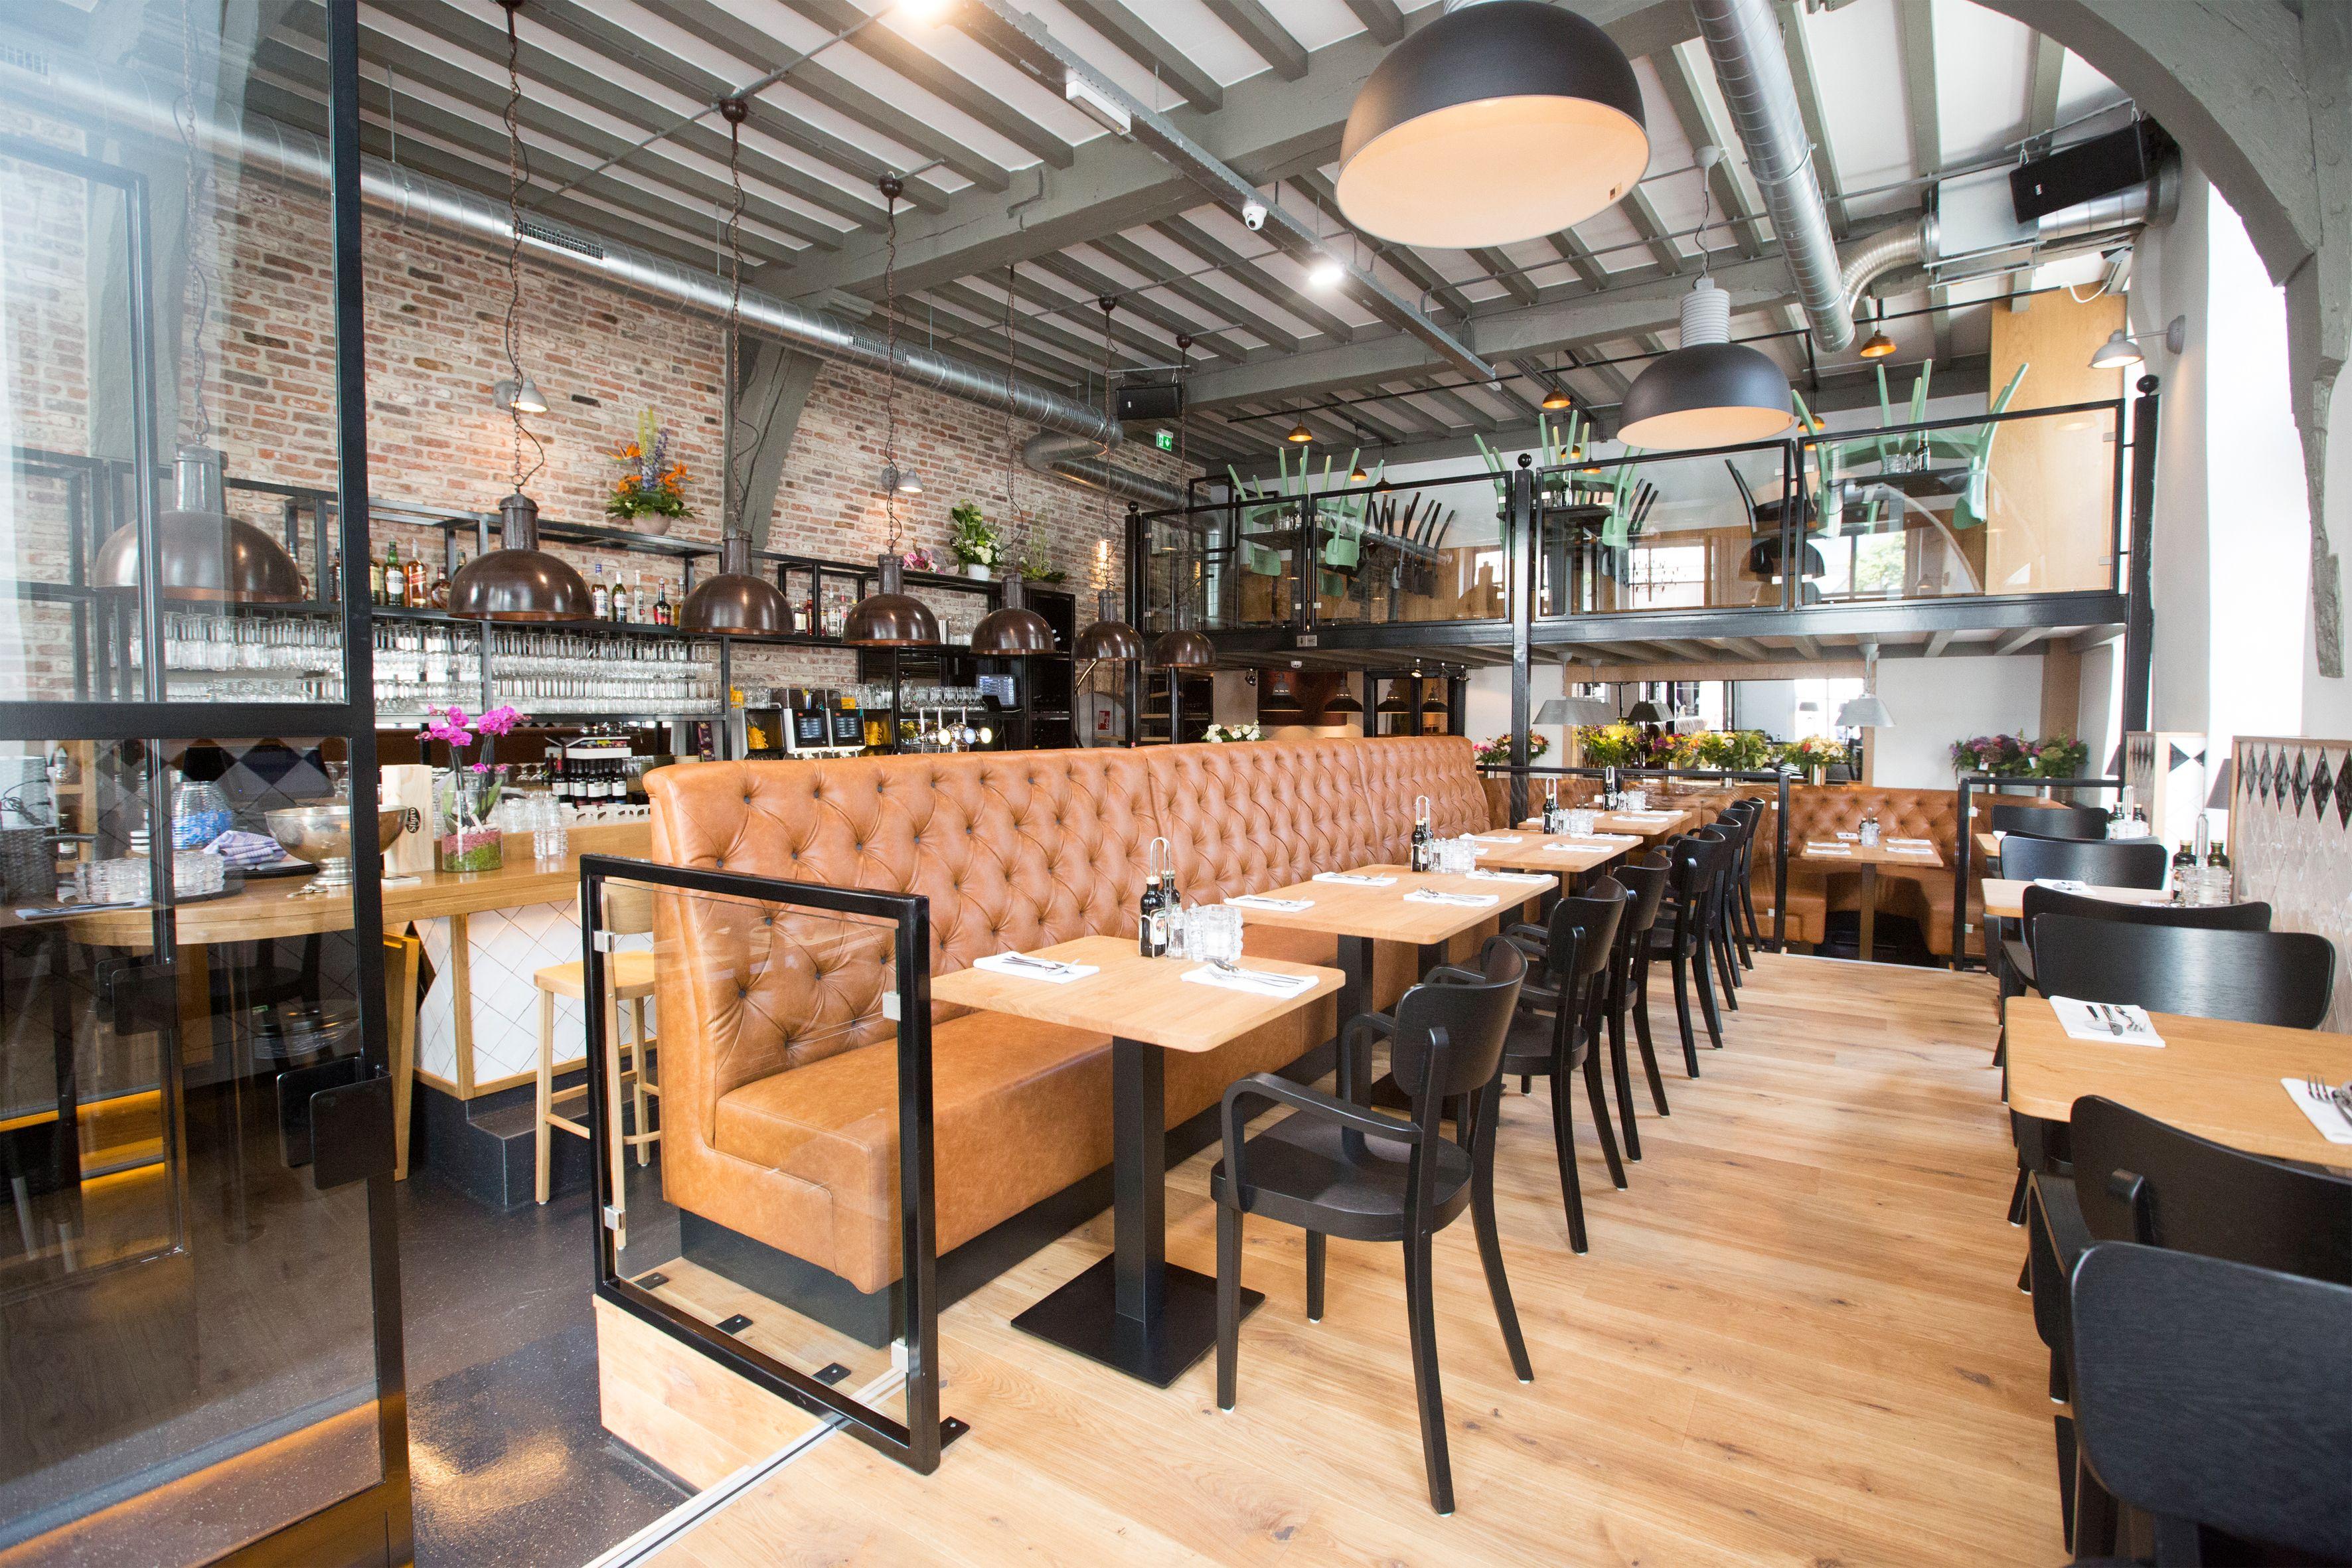 Horeca meubelen projecten inrichting restaurant for Interieur horeca